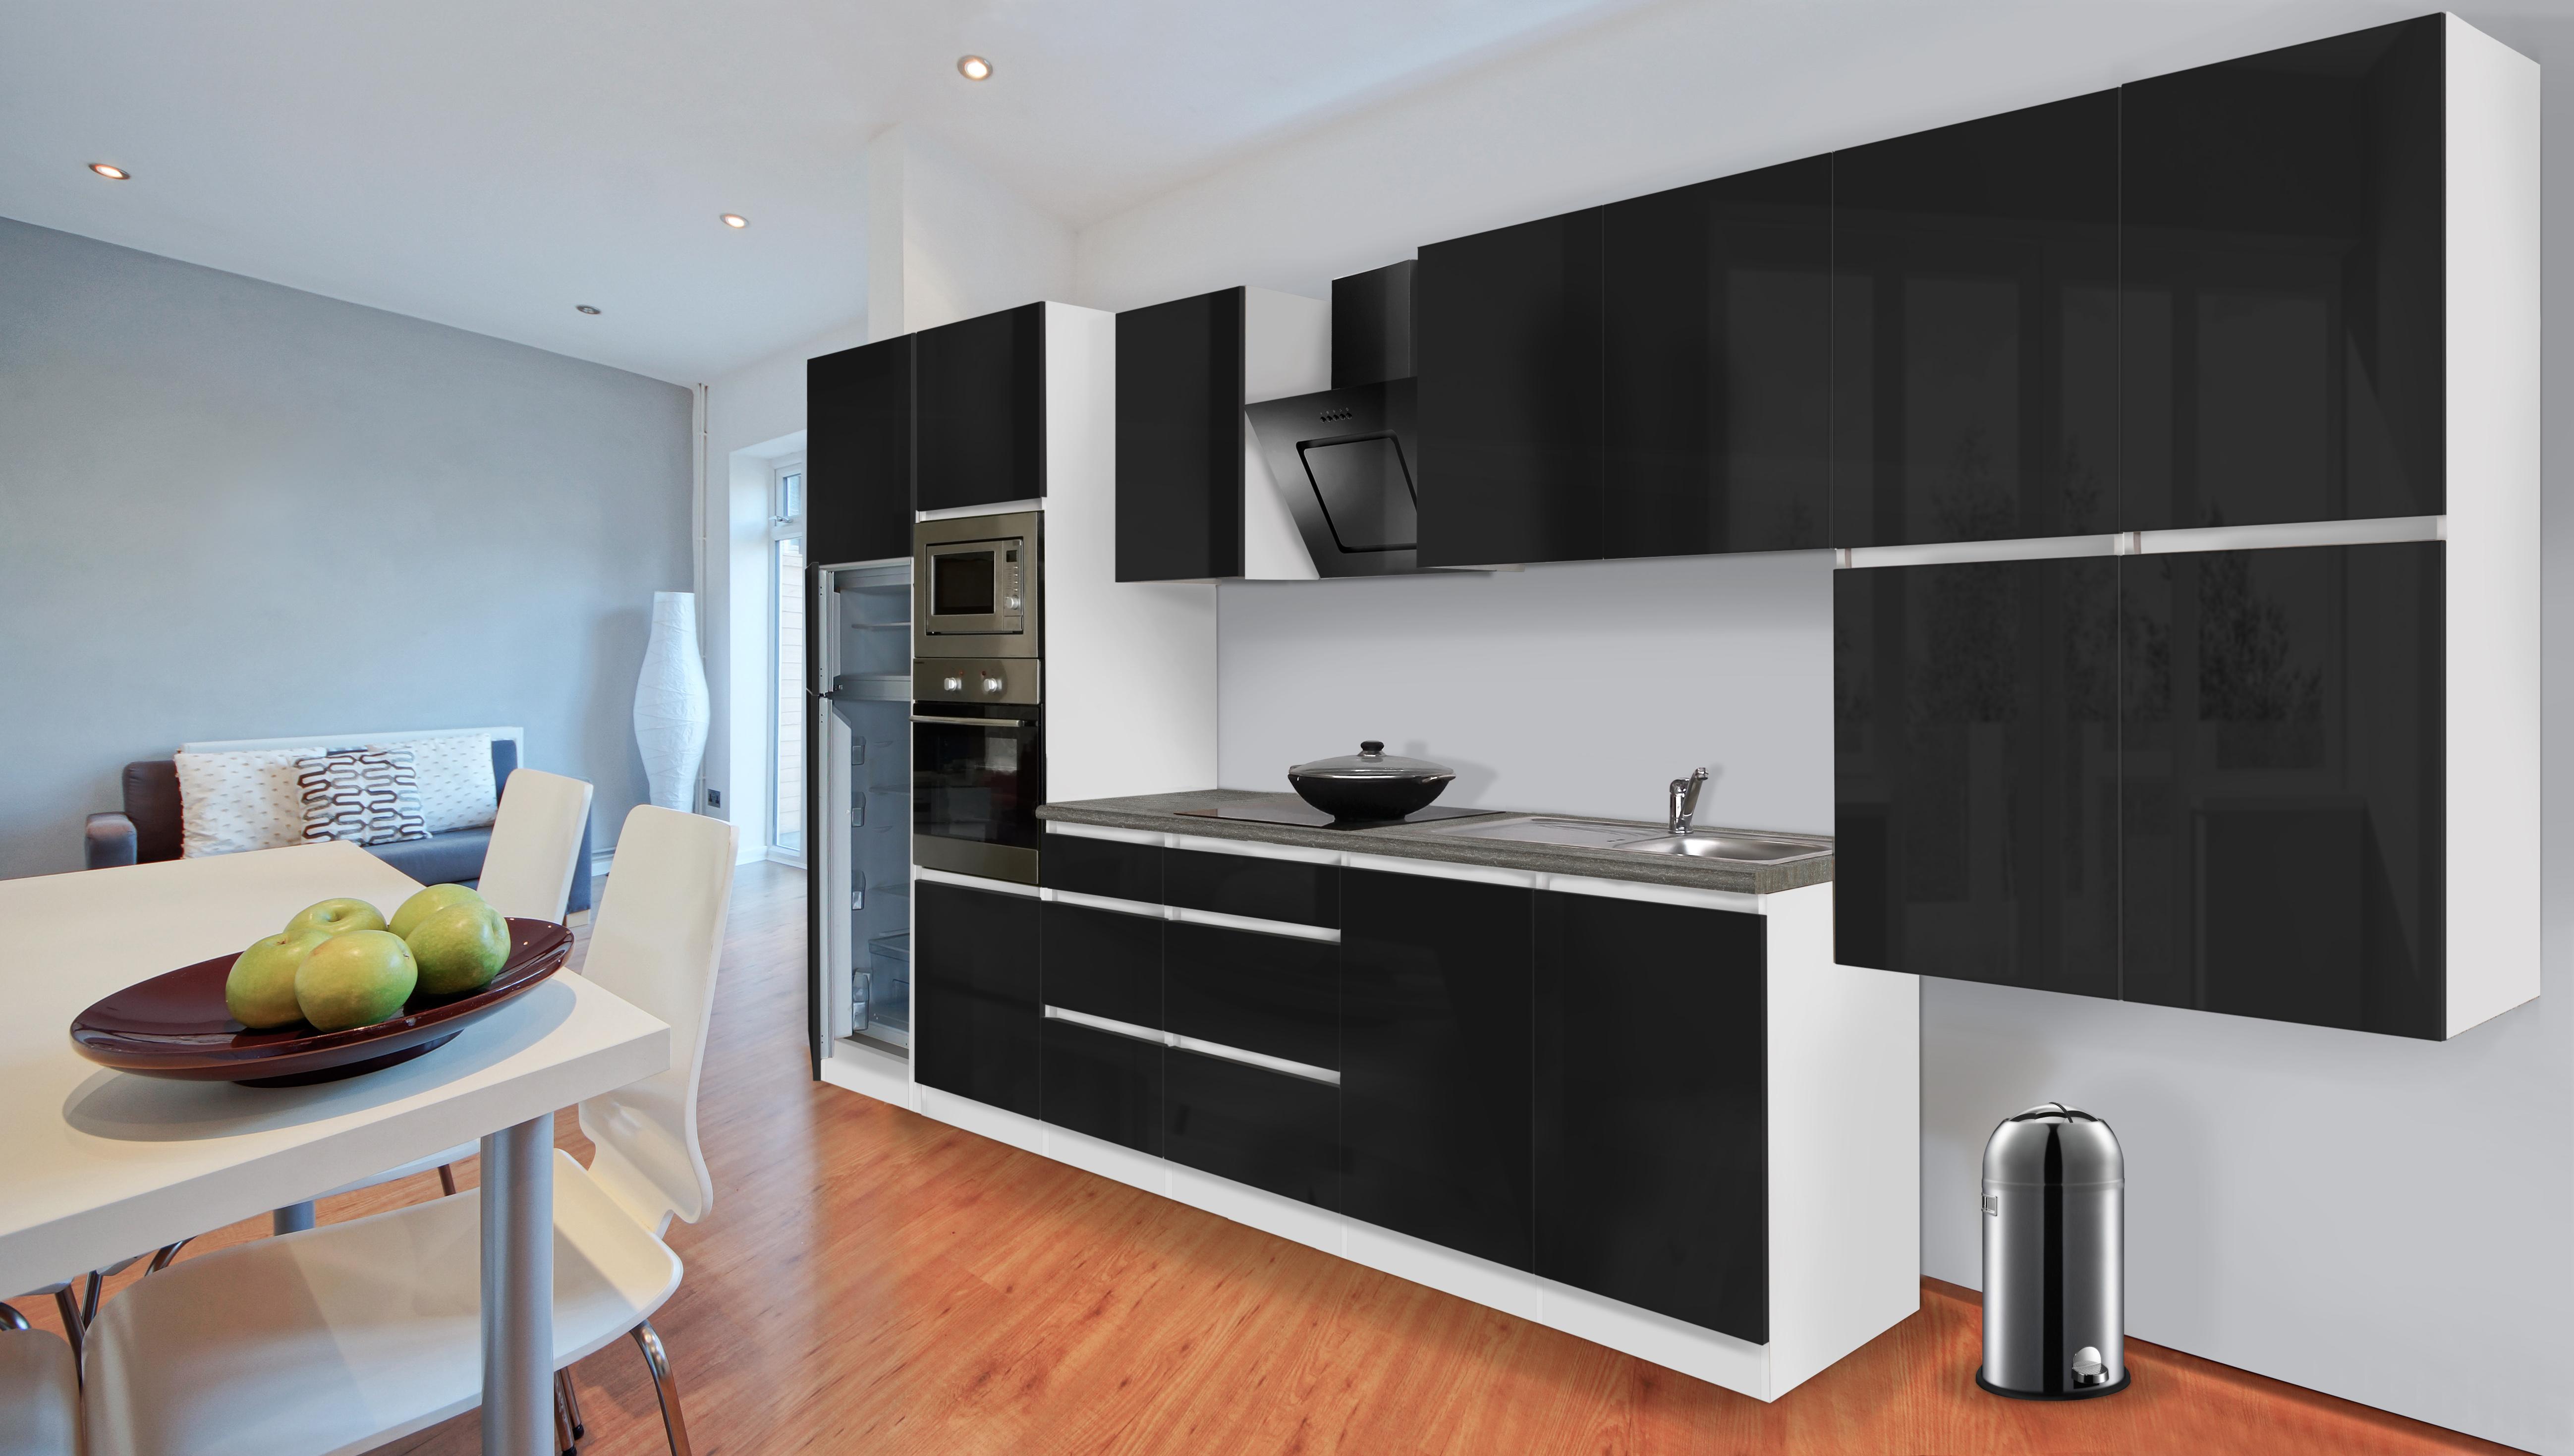 respekta premium grifflose k chenzeile k che 435 cm wei schwarz glanz k hlkombi ebay. Black Bedroom Furniture Sets. Home Design Ideas